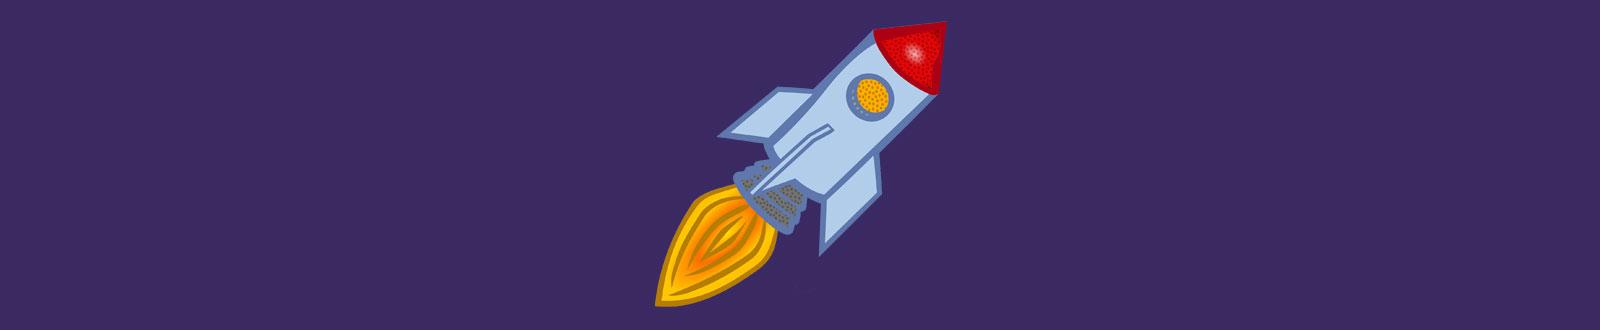 Piirretty raketti.